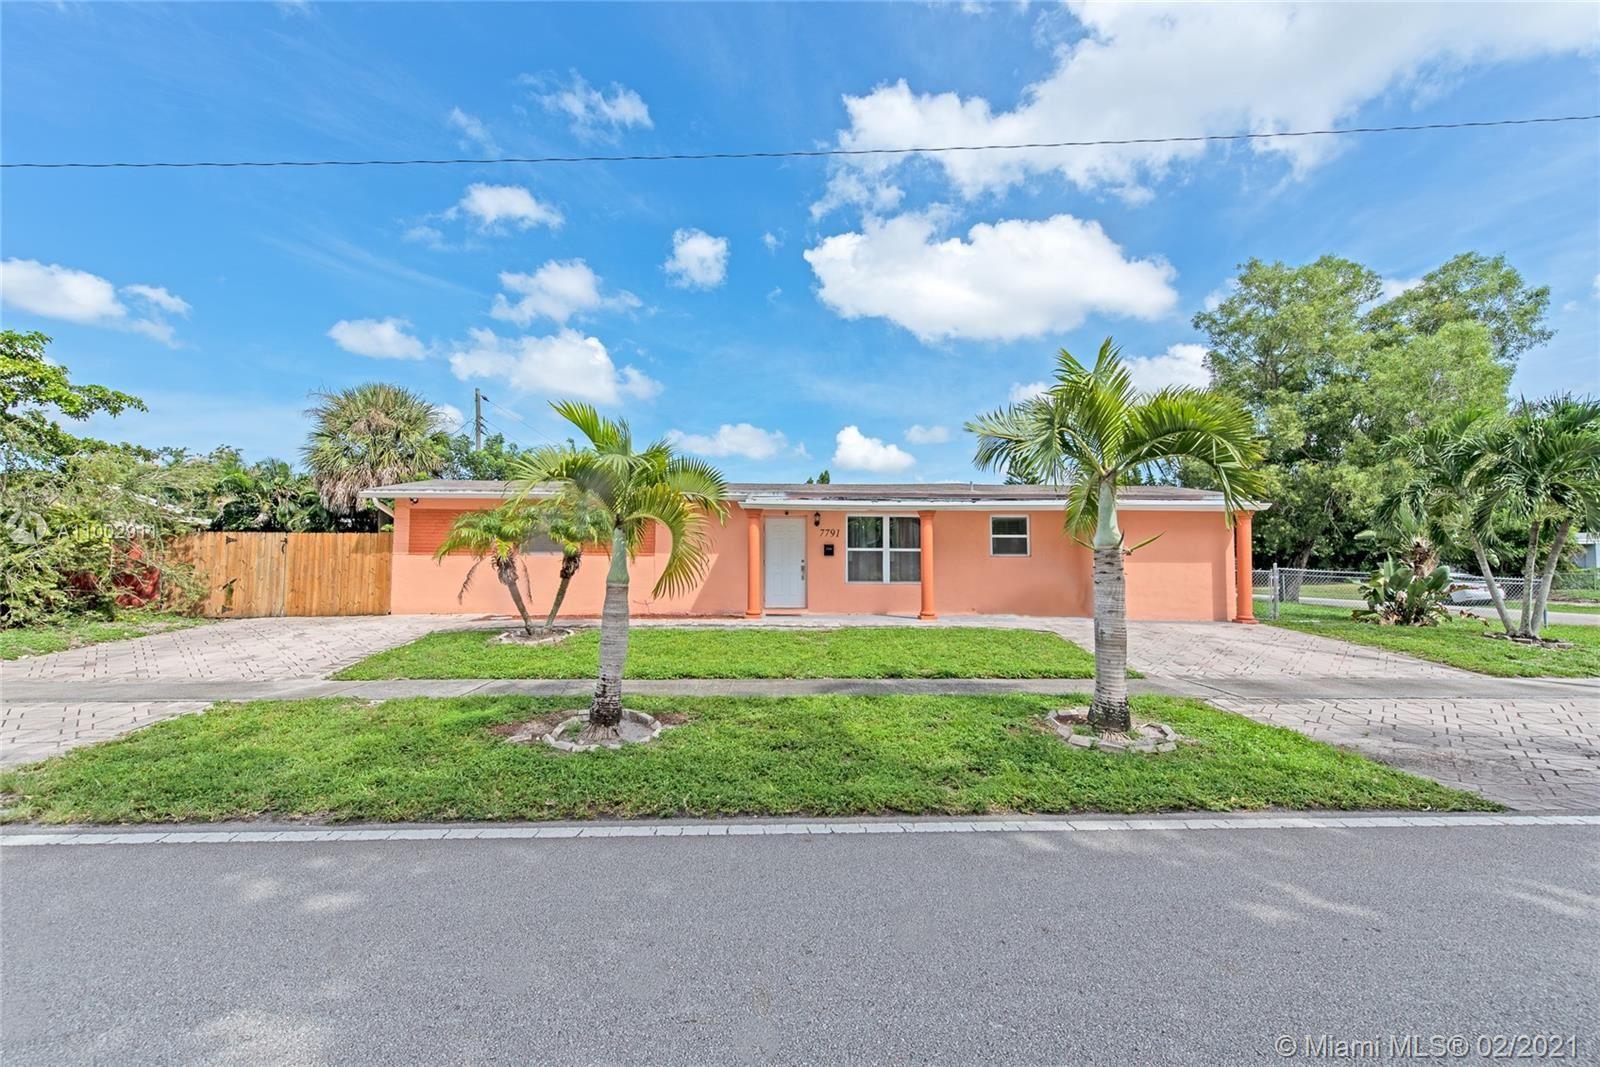 7791 NW 31 Street, Davie, FL 33024 - #: A11002911